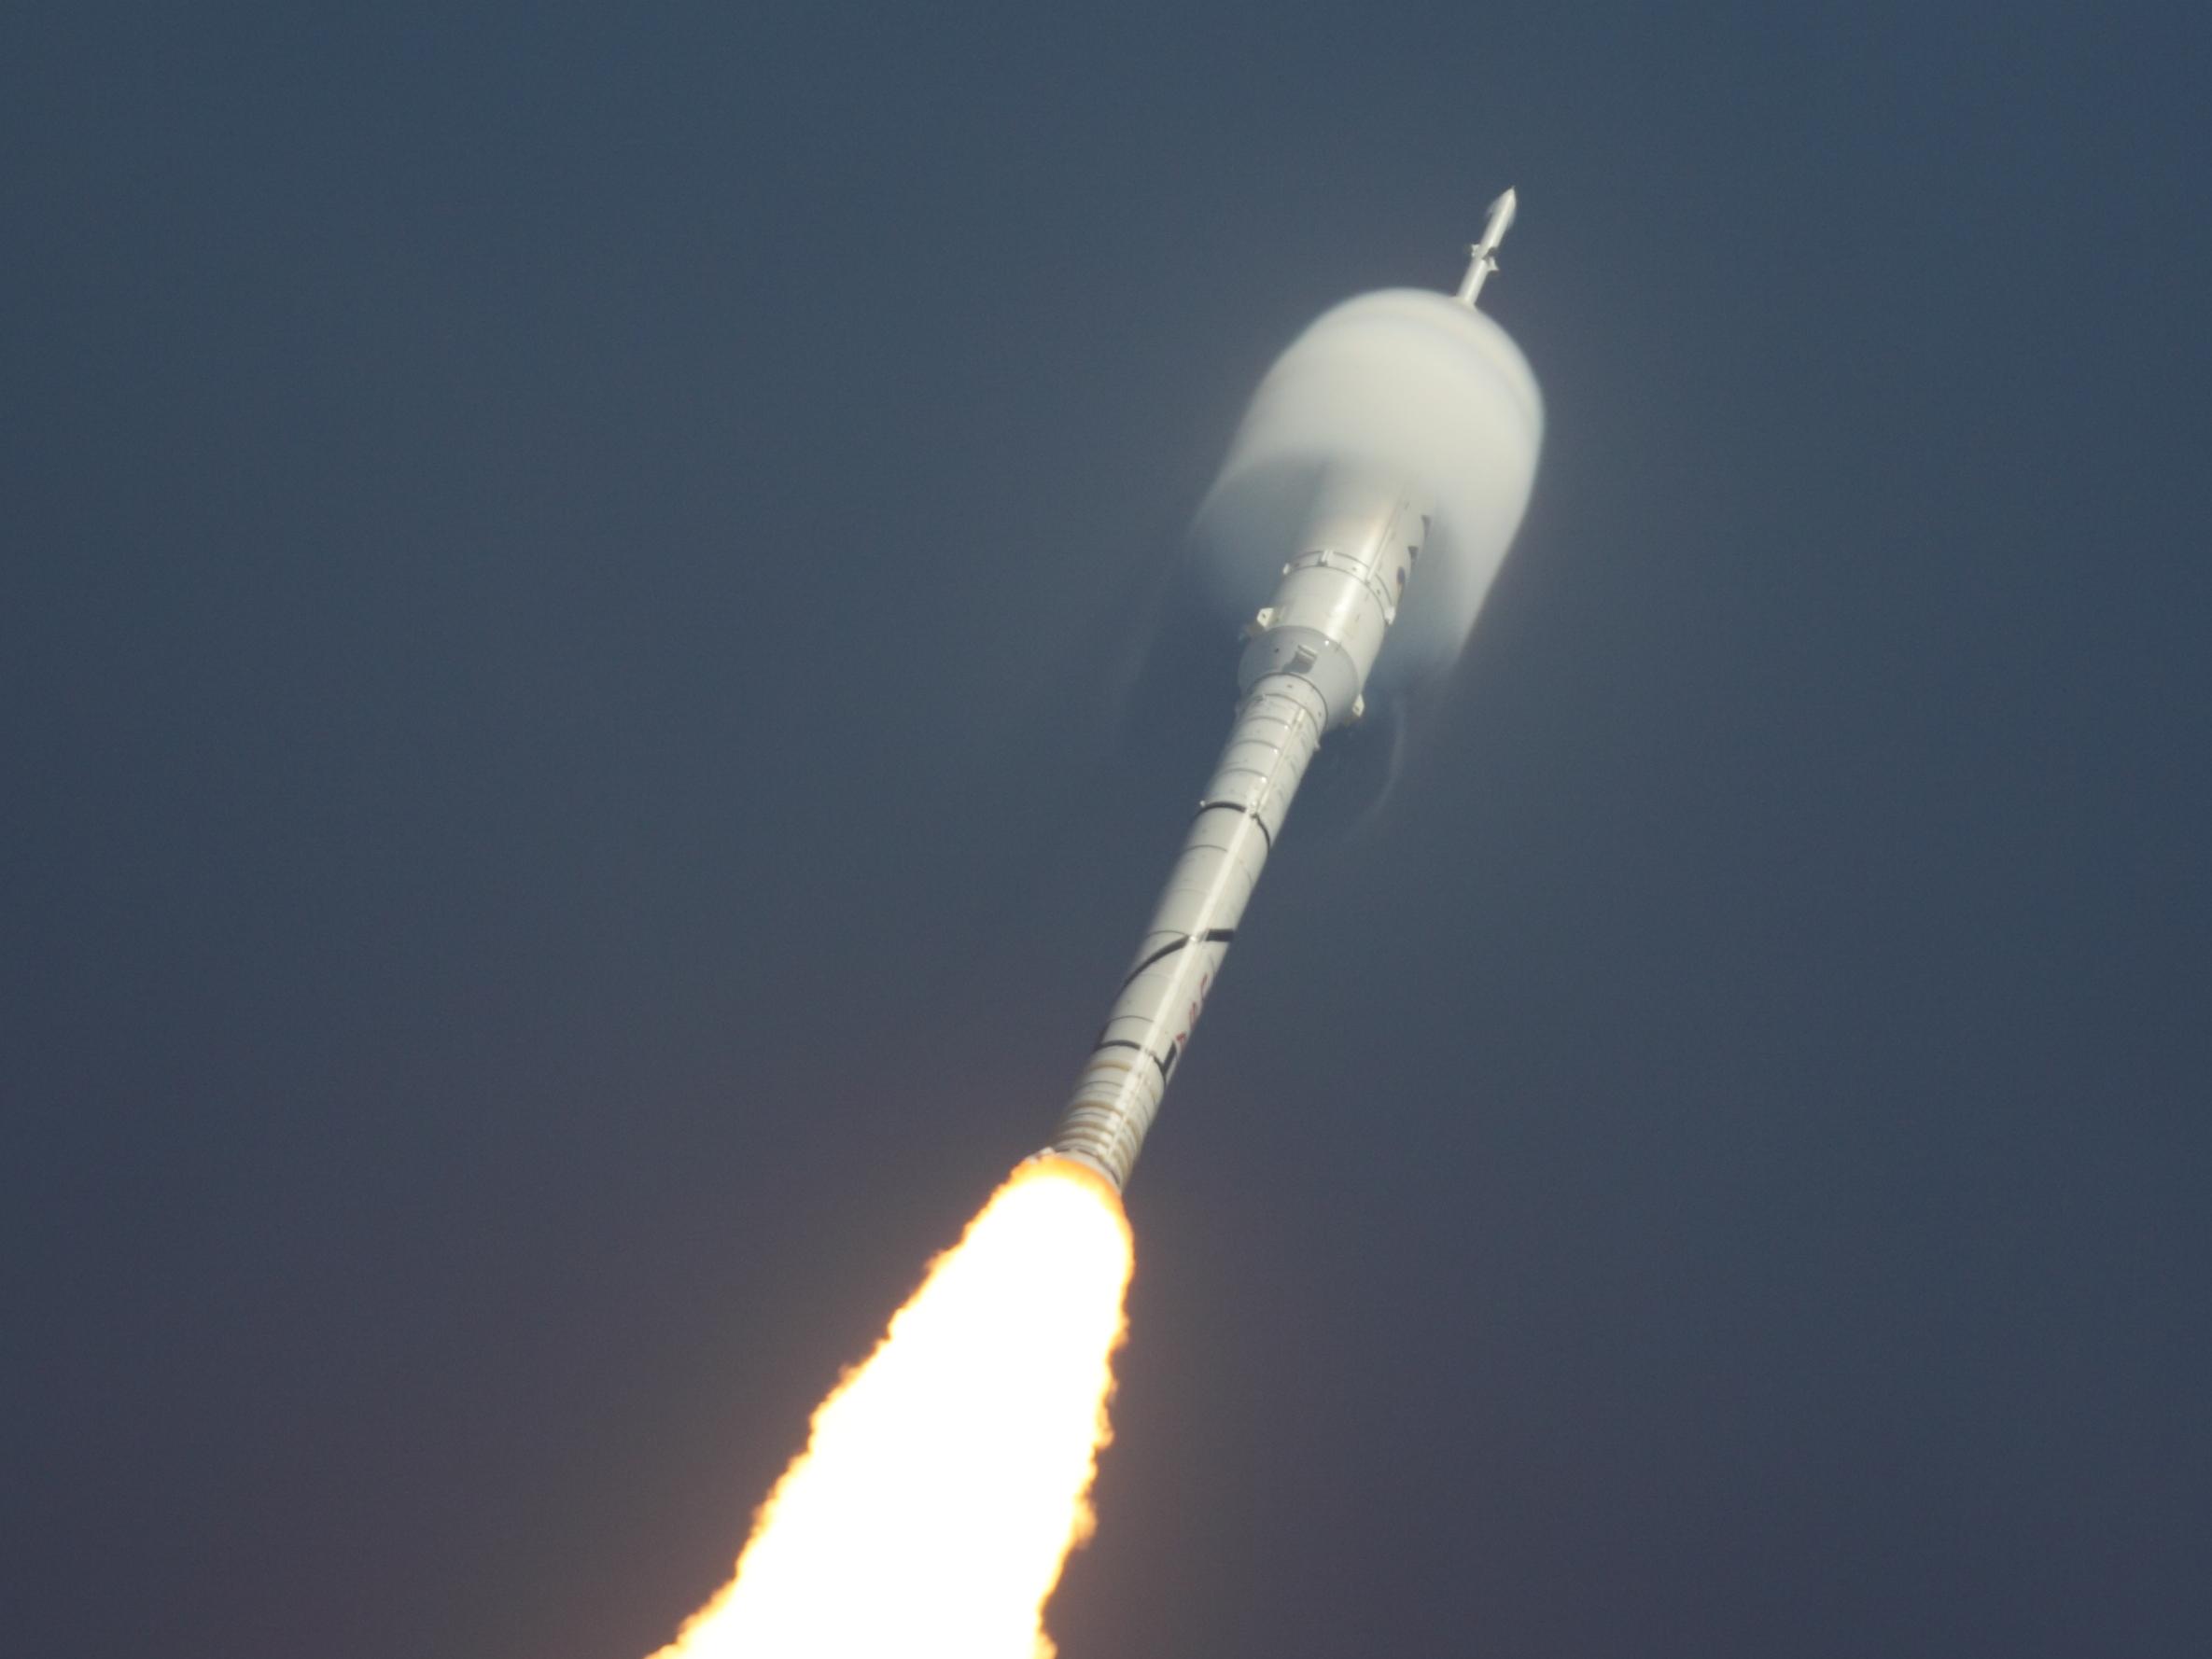 APOD: 2009 November 2 - Ares 1